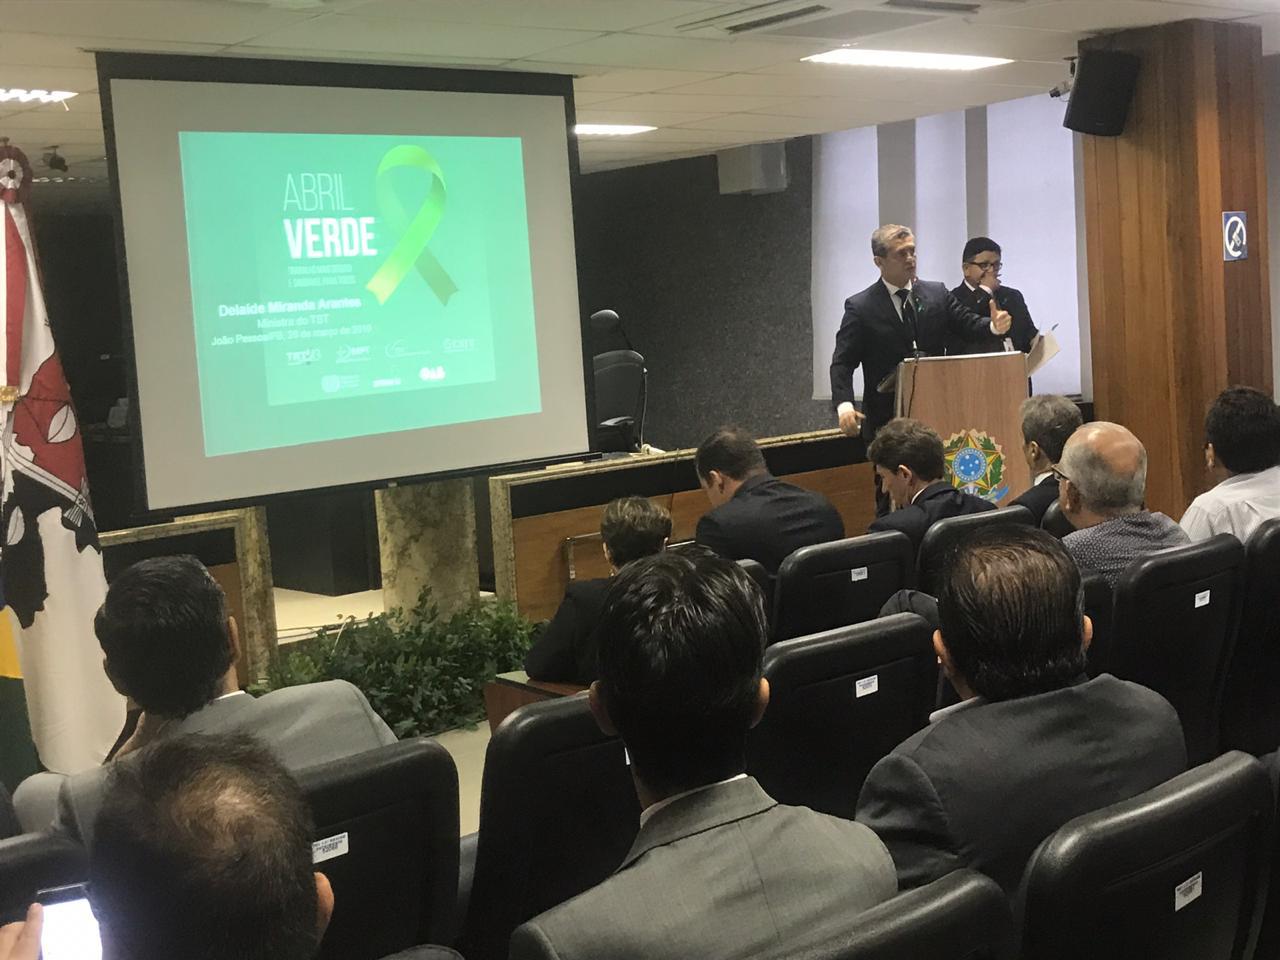 Abril Verde: OAB-PB apóia campanha de prevenção a acidentes e doenças de trabalho